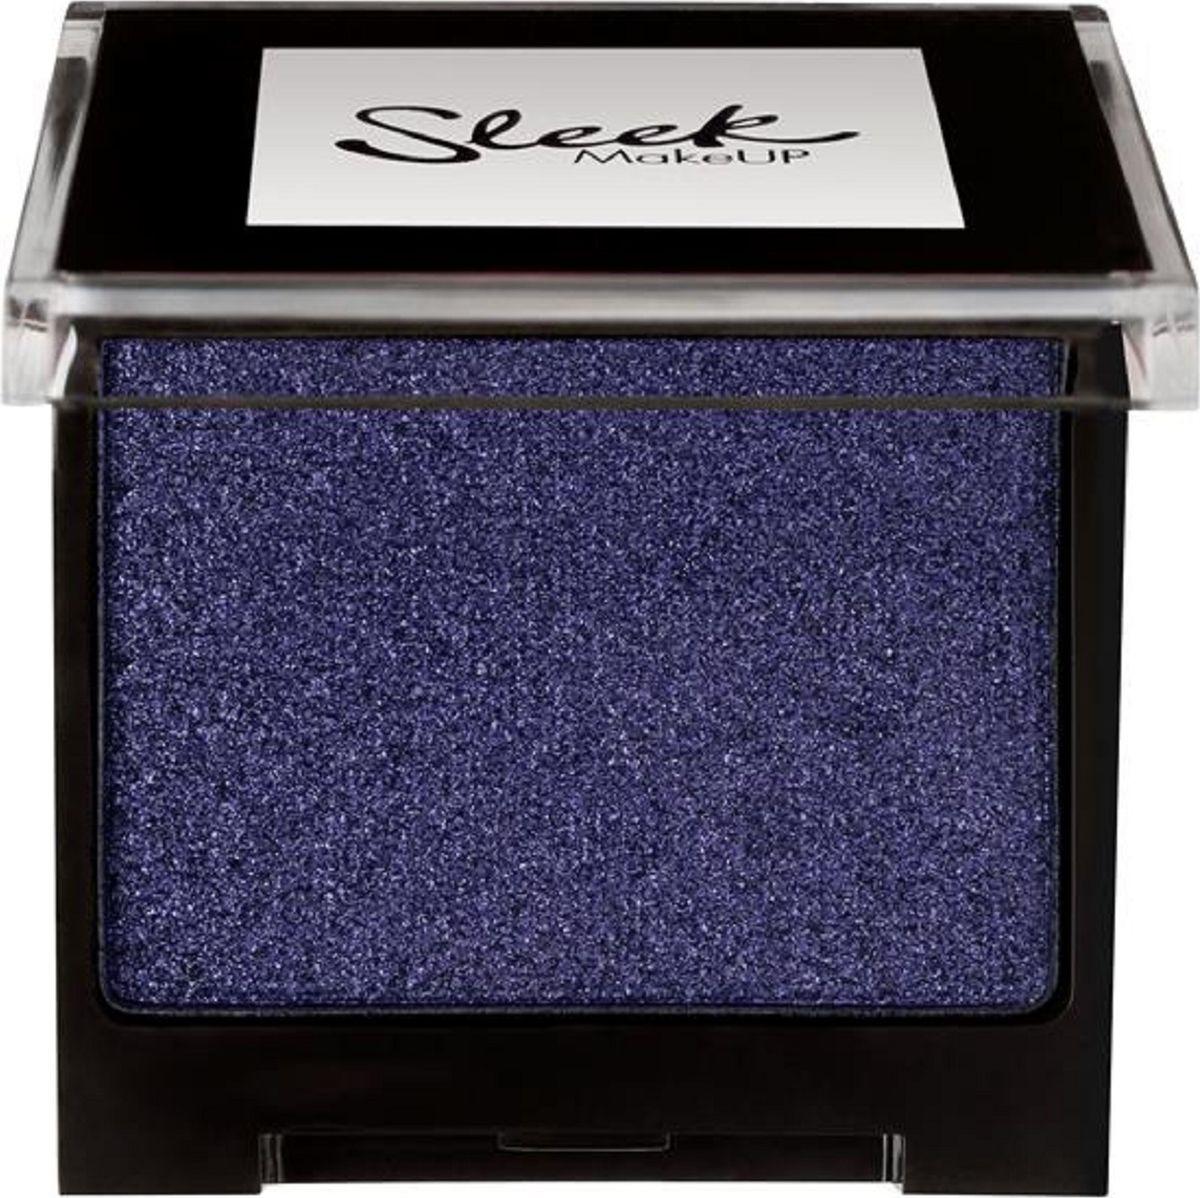 Тени для век Sleek MakeUP Mono Eyeshadow Play Thing 1278, 11,5 г все цены